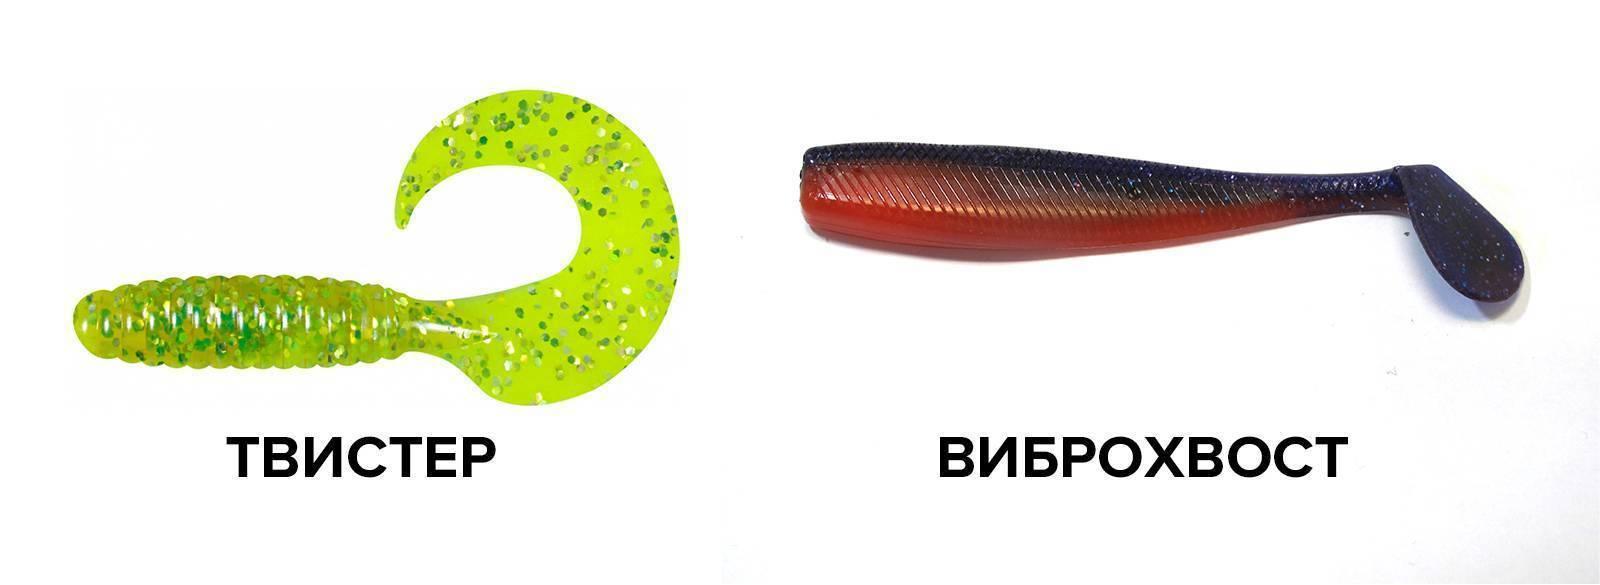 Силиконовые приманки на окуня: лучшие виды, размеры, цвета